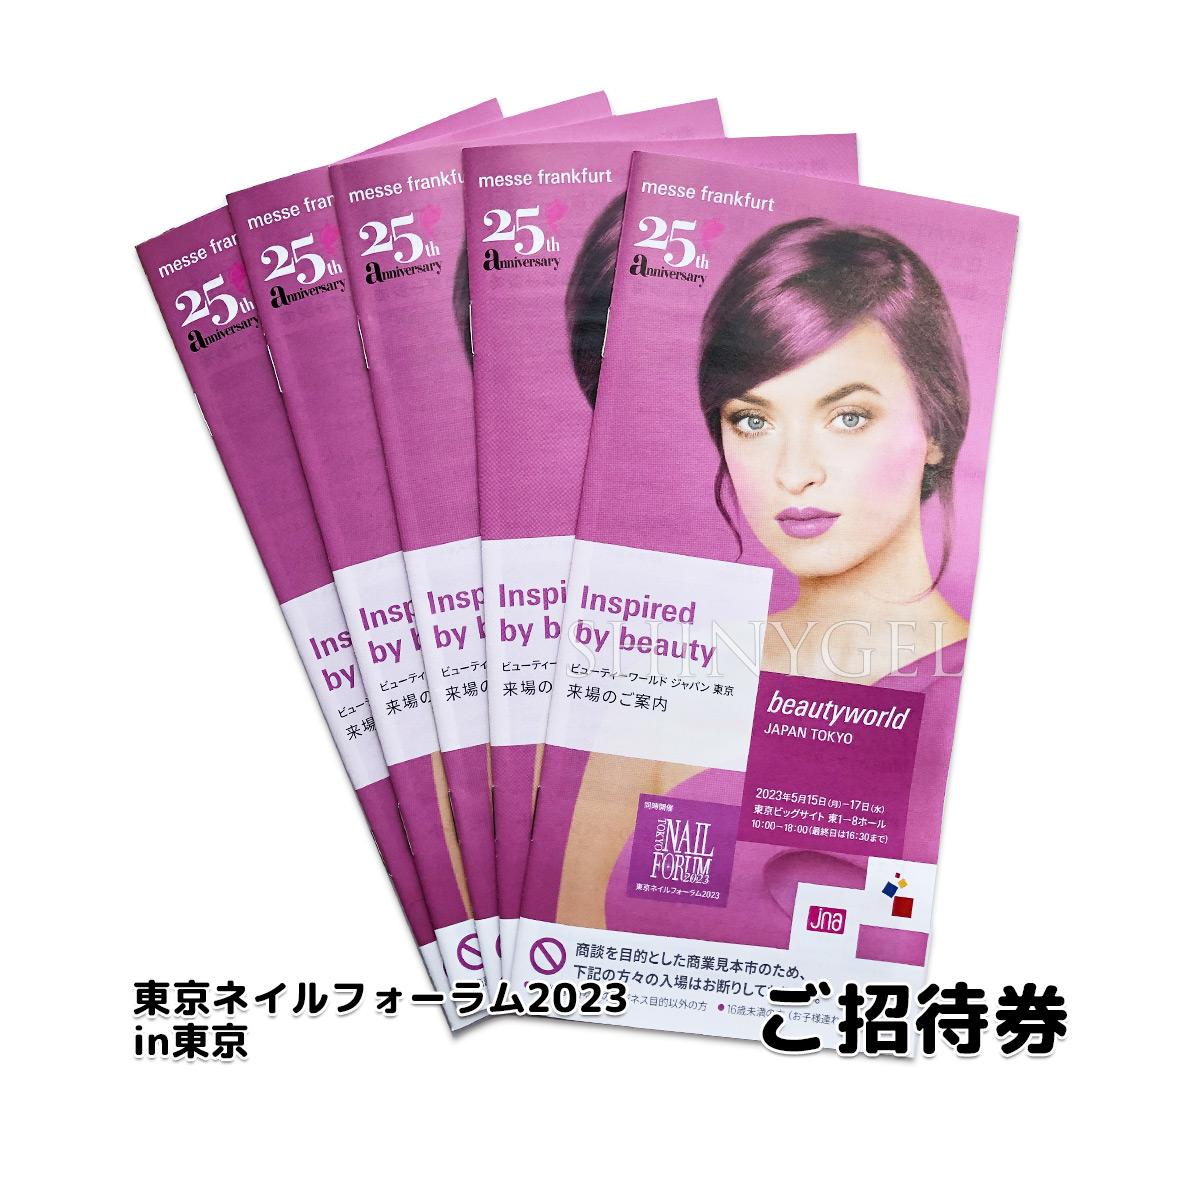 (DM便○)【チケットのみの発送不可】 ≪※お一人様5枚まで≫東京ネイルフォーラム 2021(ビューティーワールド ジャパン)(東京ビッグサイト)チケット 招待券